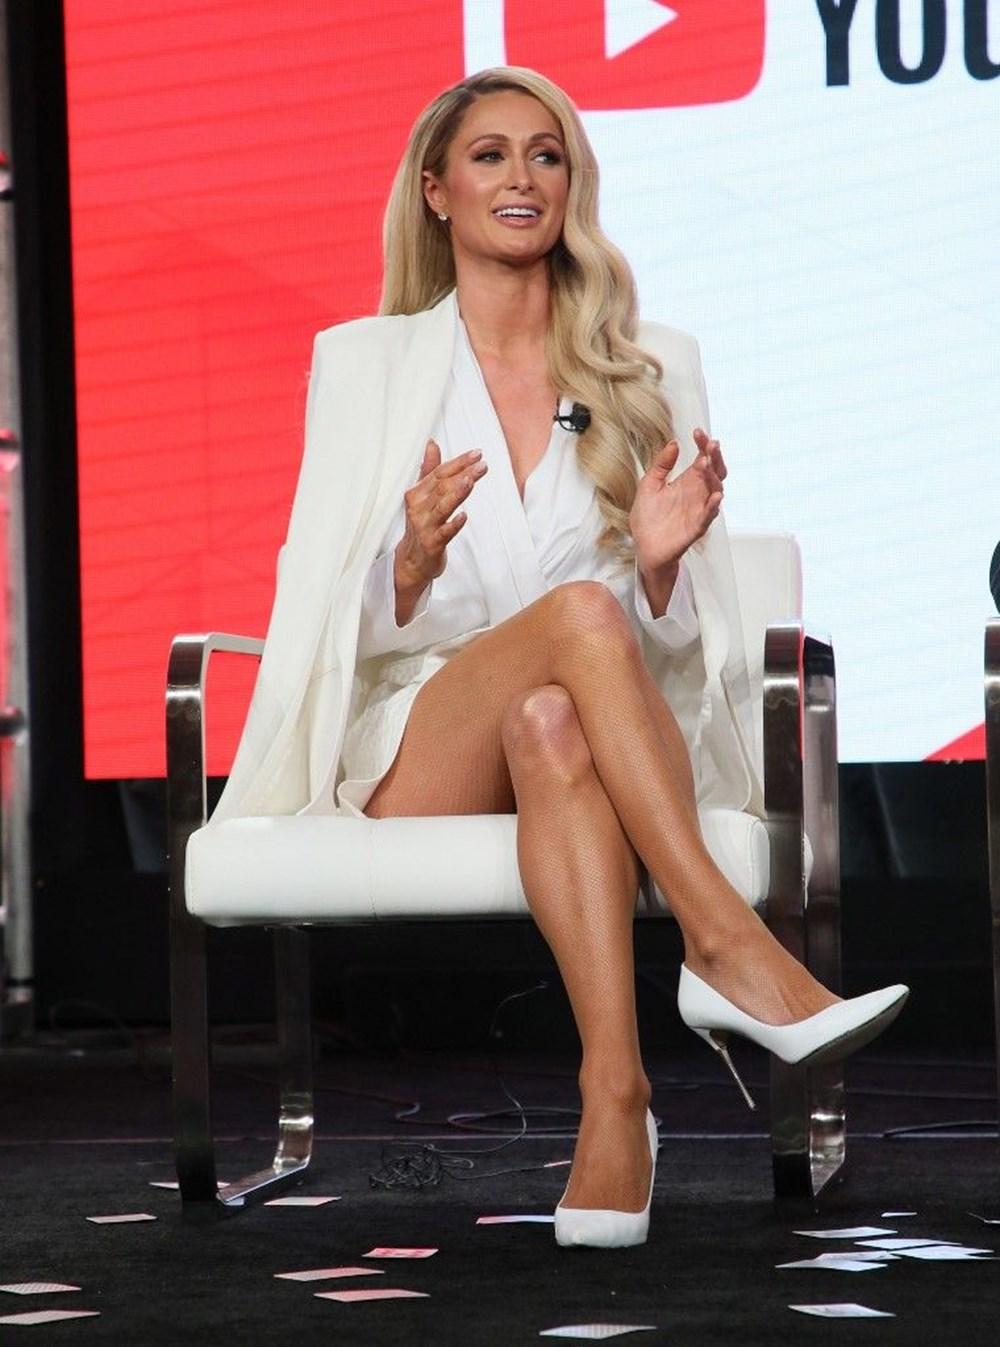 Paris Hilton'dan belgesel yorumu: Hiç kimse gerçekte benim kim olduğumu bilmiyor - 8